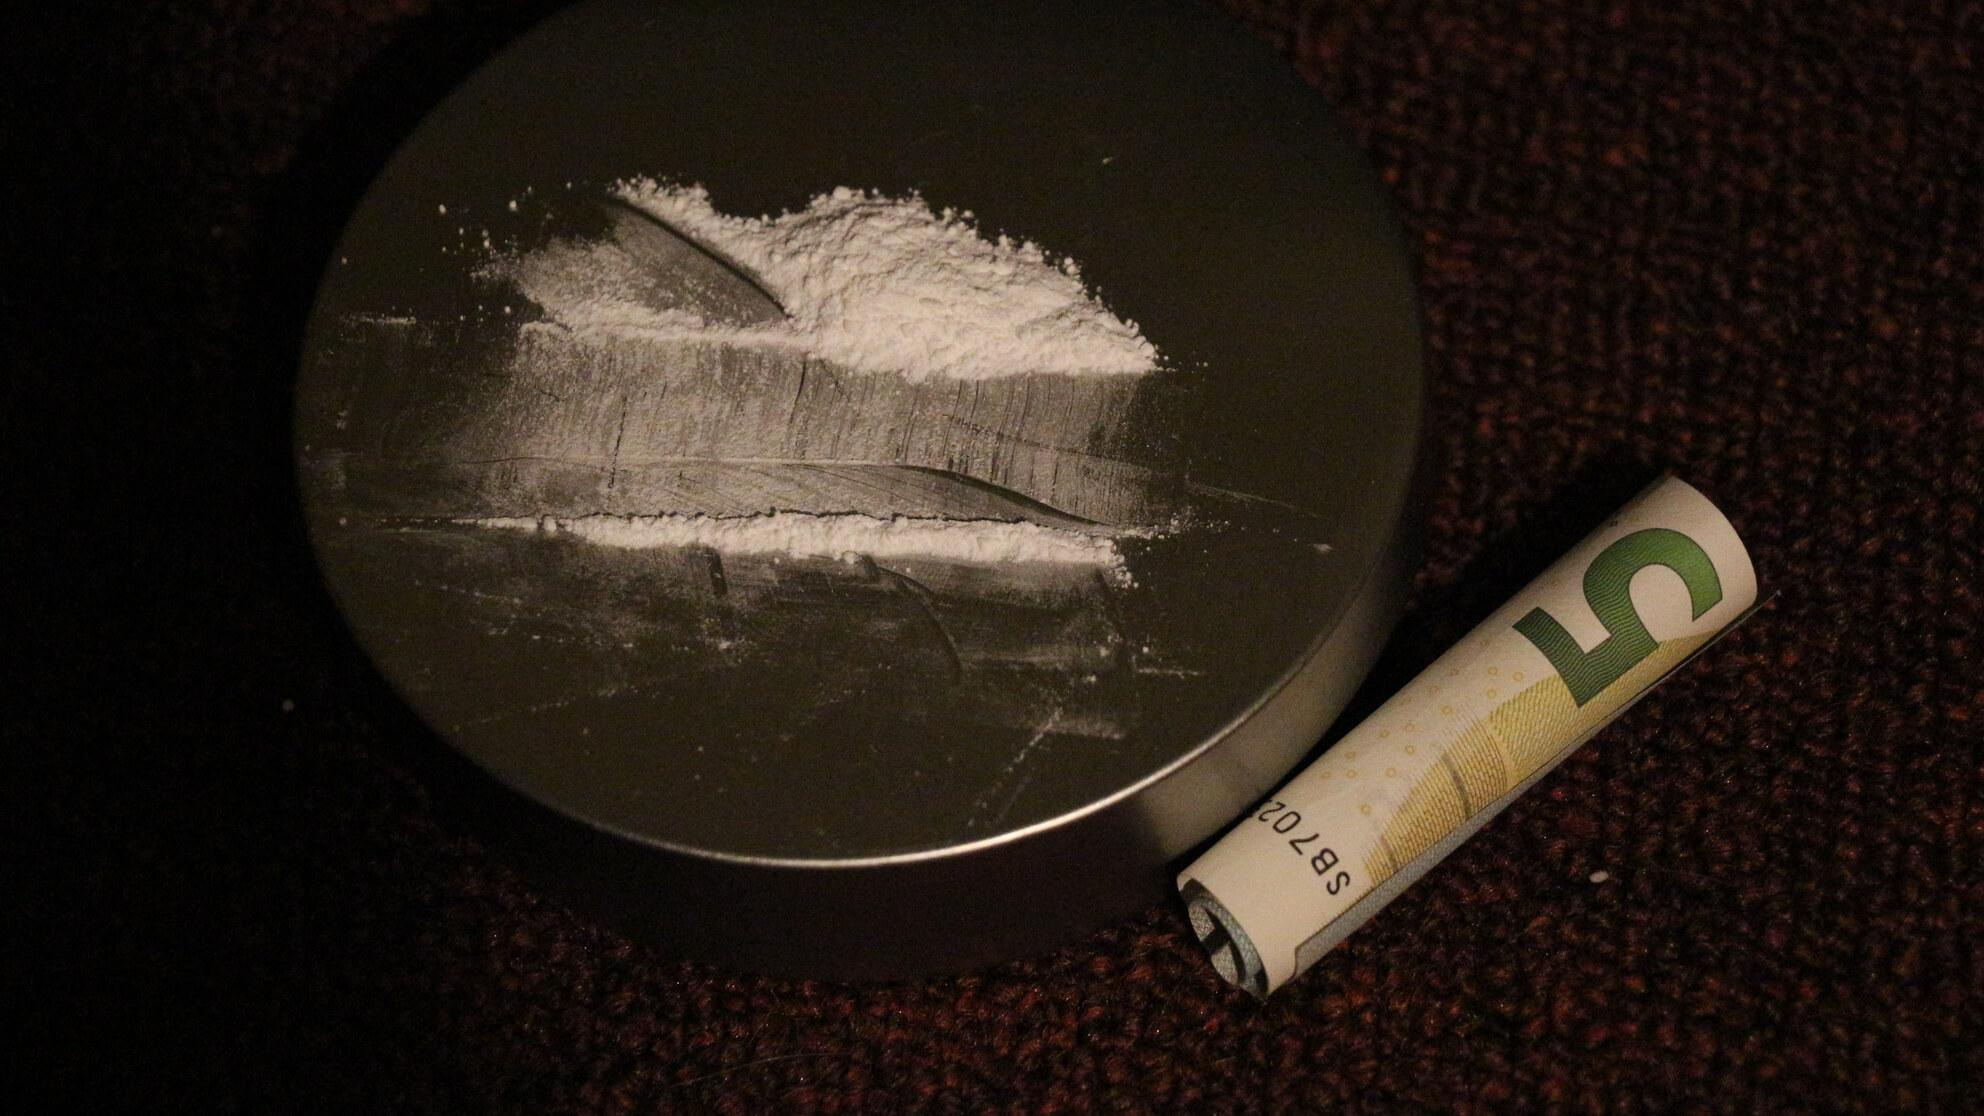 Harte Drogen: wie viel Stoff ist enthalten, sind schädliche Streckstoffe drinnen?